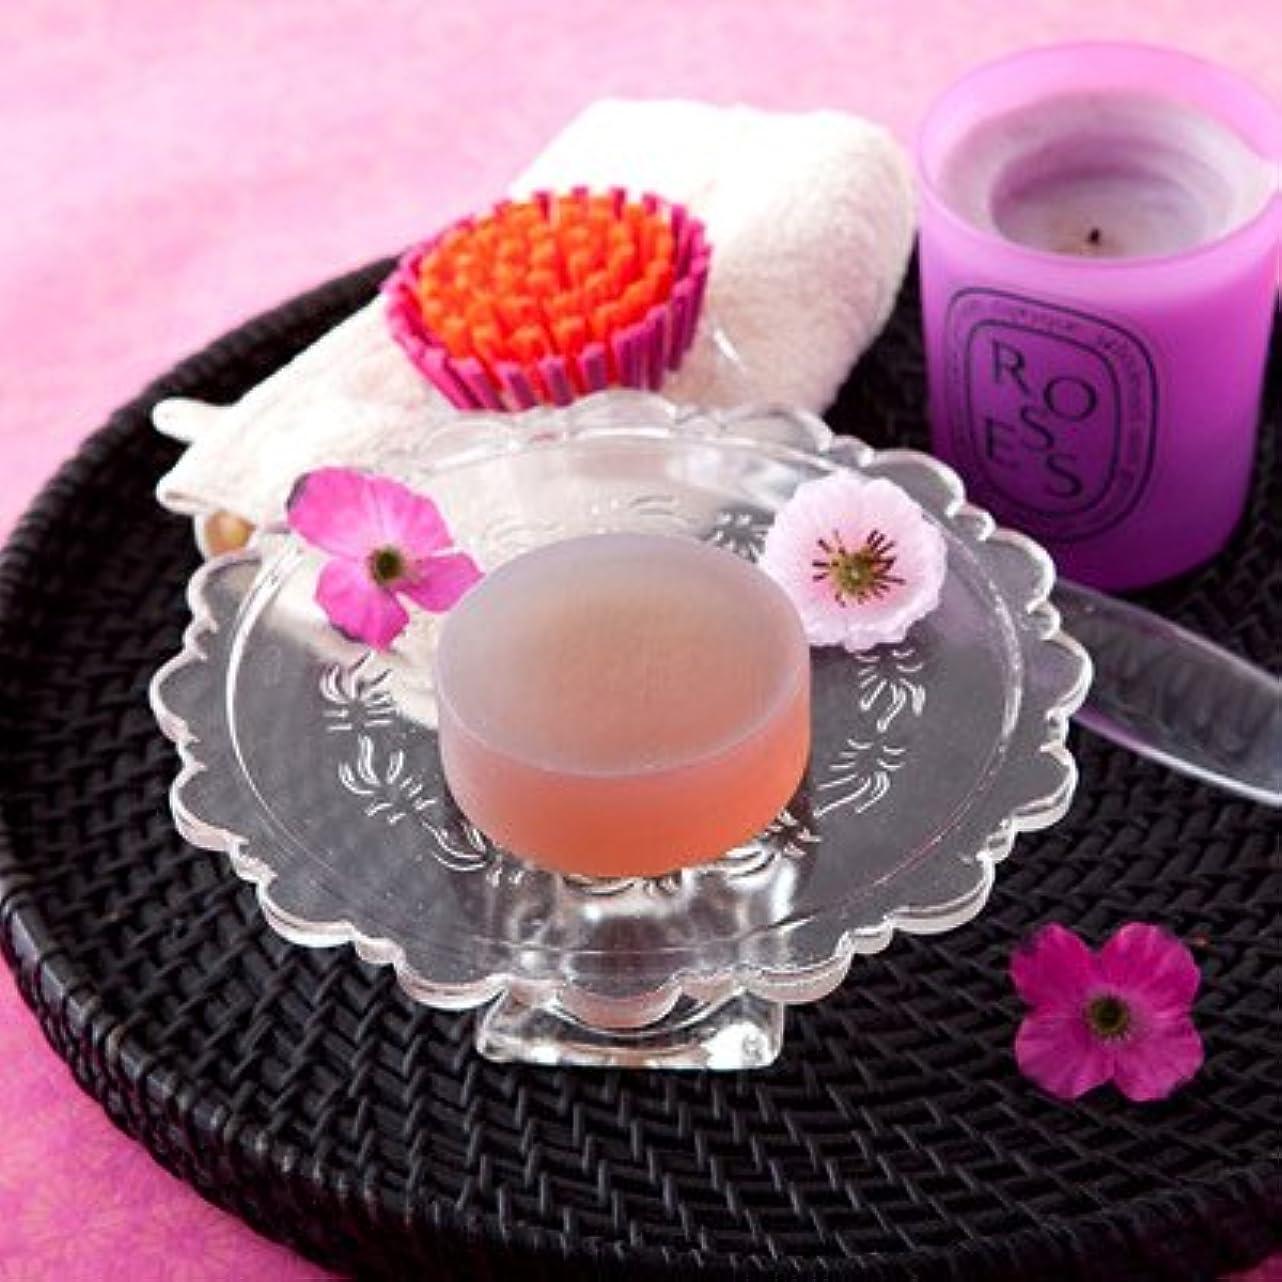 要塞却下するミントお肌の弱い方も安心なクリアソープセット ペアローザ エステソープ 紫潤(2個セット)